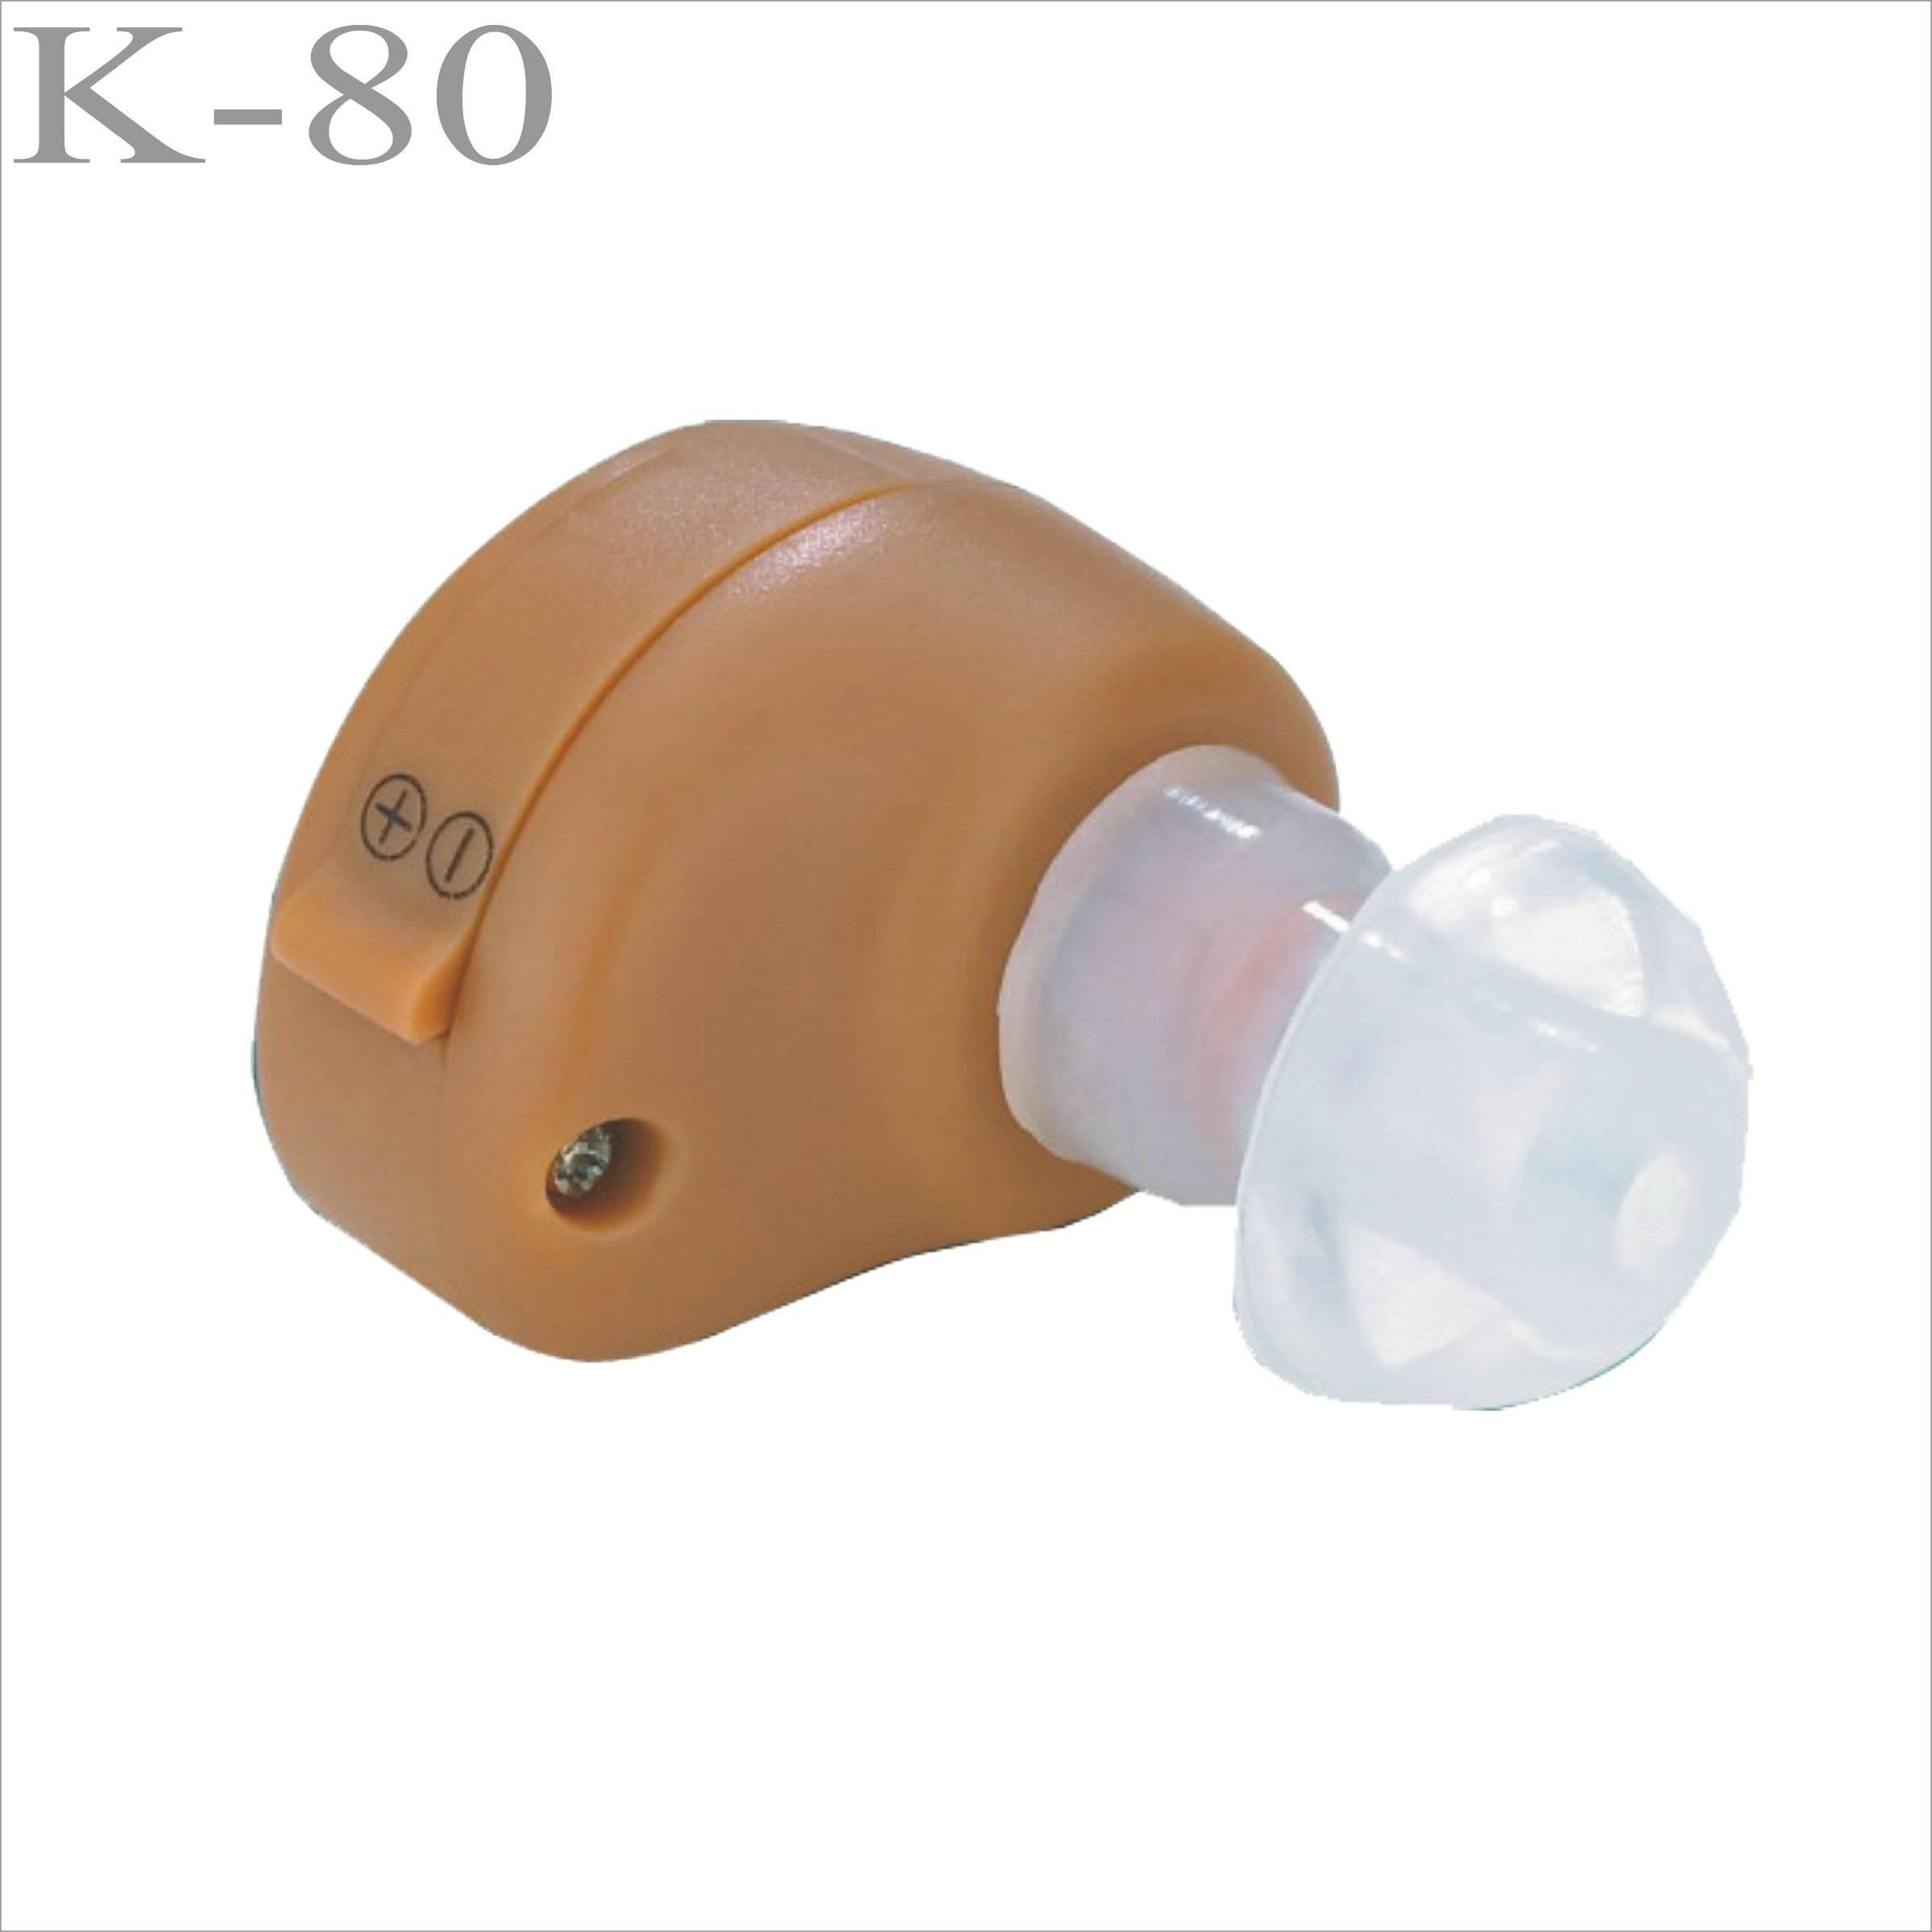 Axon ITE Hearing Aid (K-80)